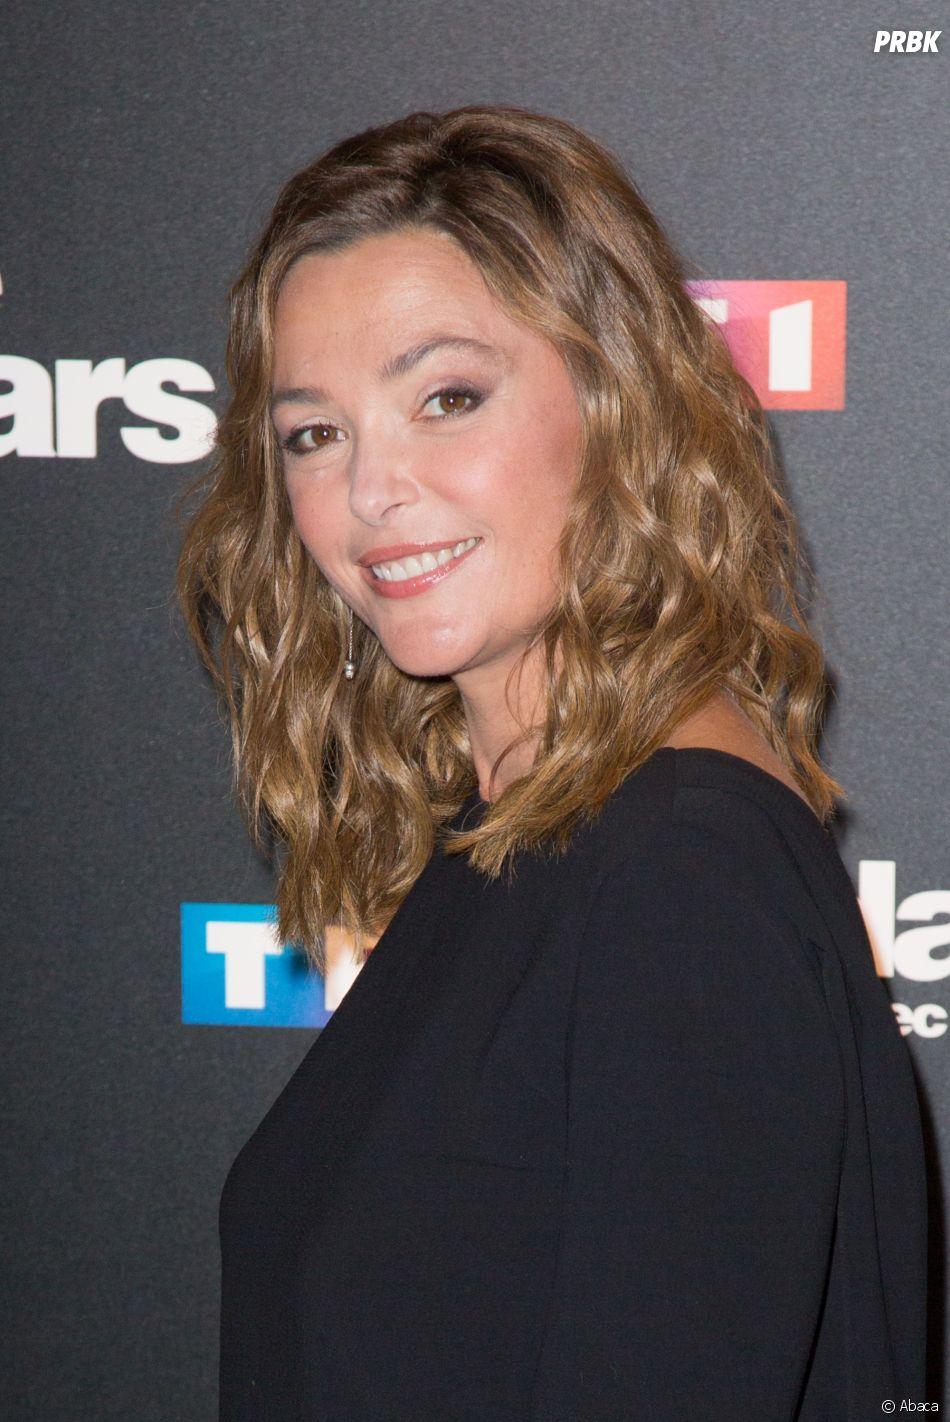 Danse avec les stars 8 : Sandrine Quétier animera l'émission avec une personnalité différente de TF1 chaque semaine !